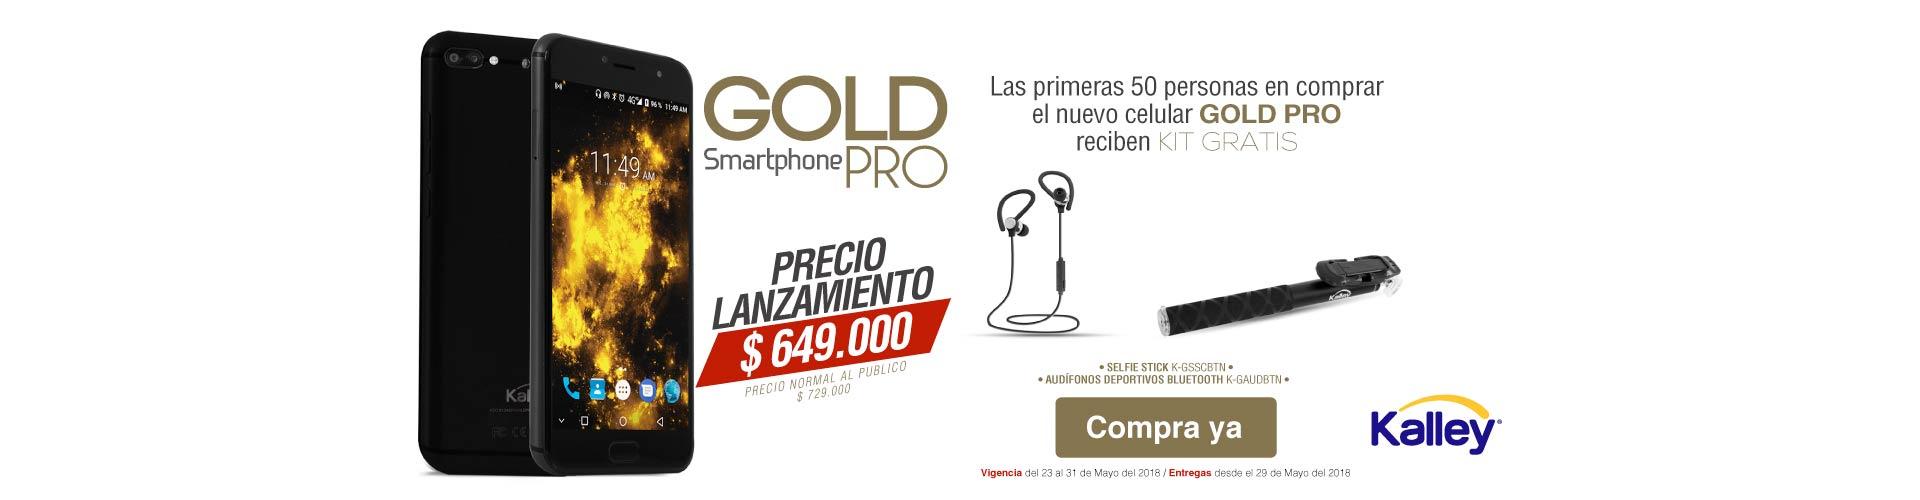 KT-PPAL-10-celulares-LNZ---Kalley-GoldPro-May25